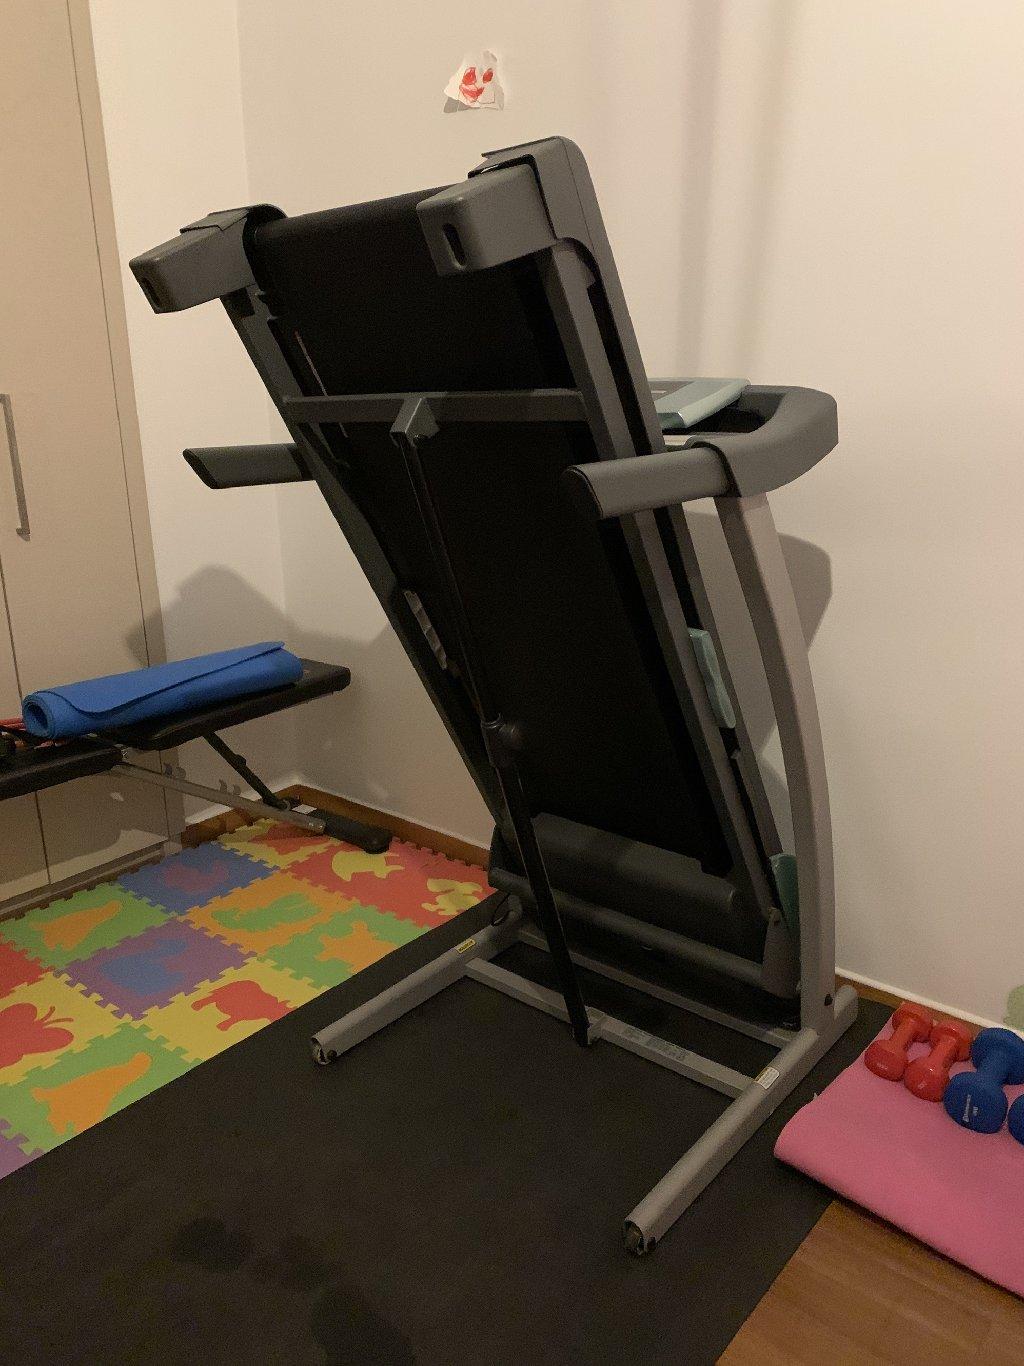 Μεταχειρισμένος διάδρομος γυμναστικής  Weslo compact xl treadmill